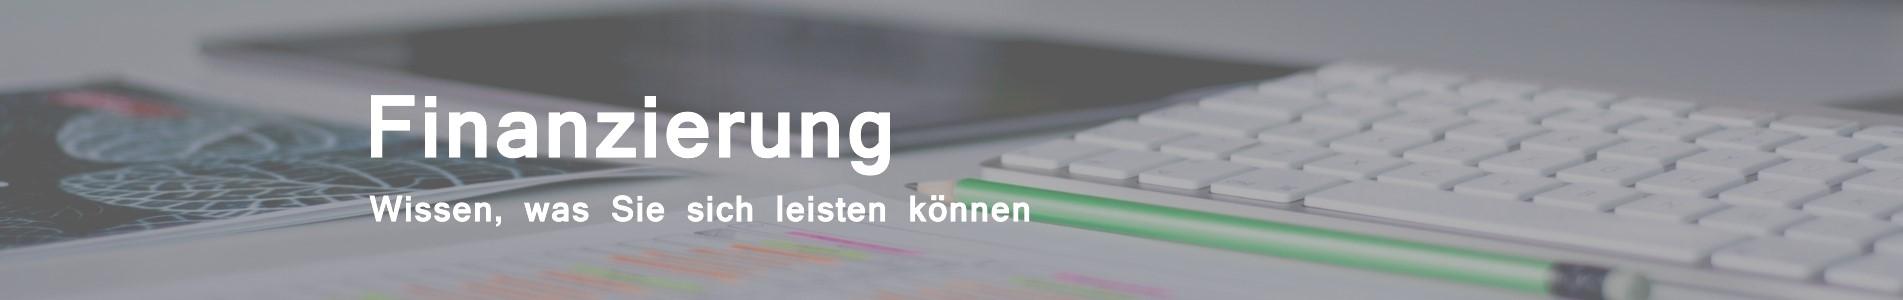 Banner_Finanzierung